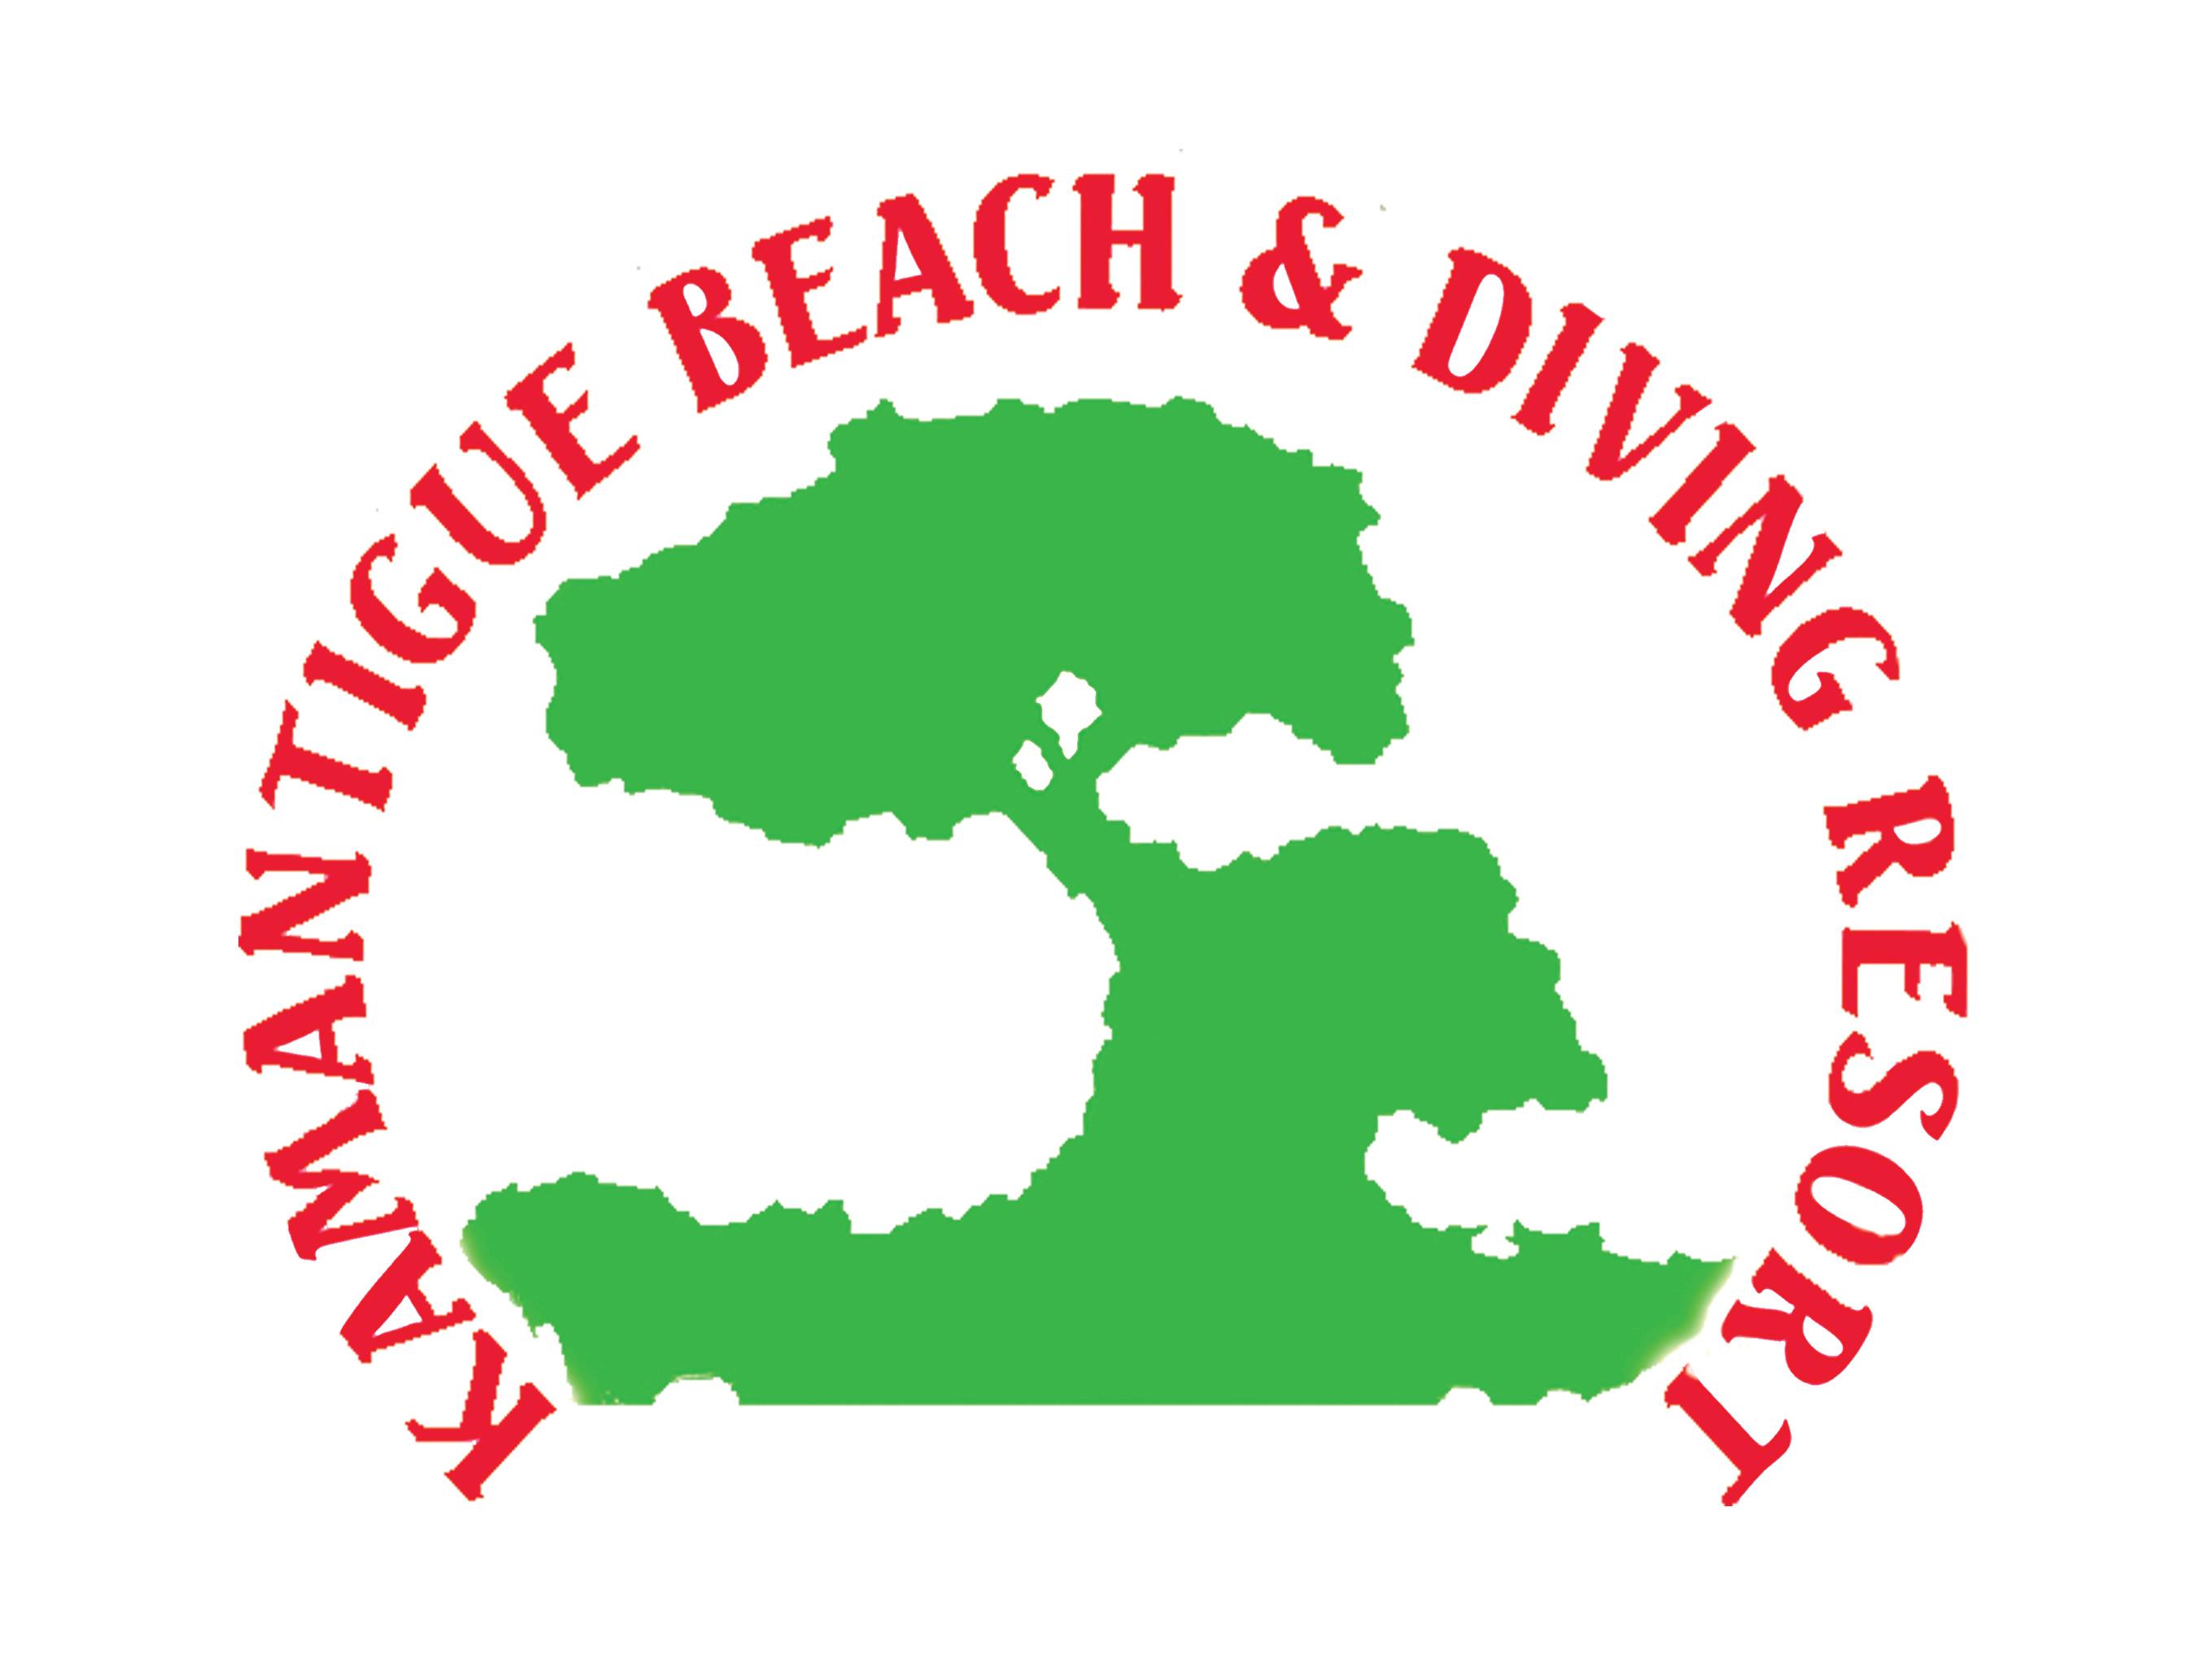 02. KAMANTIGUE BEACH & DIVING RESORT